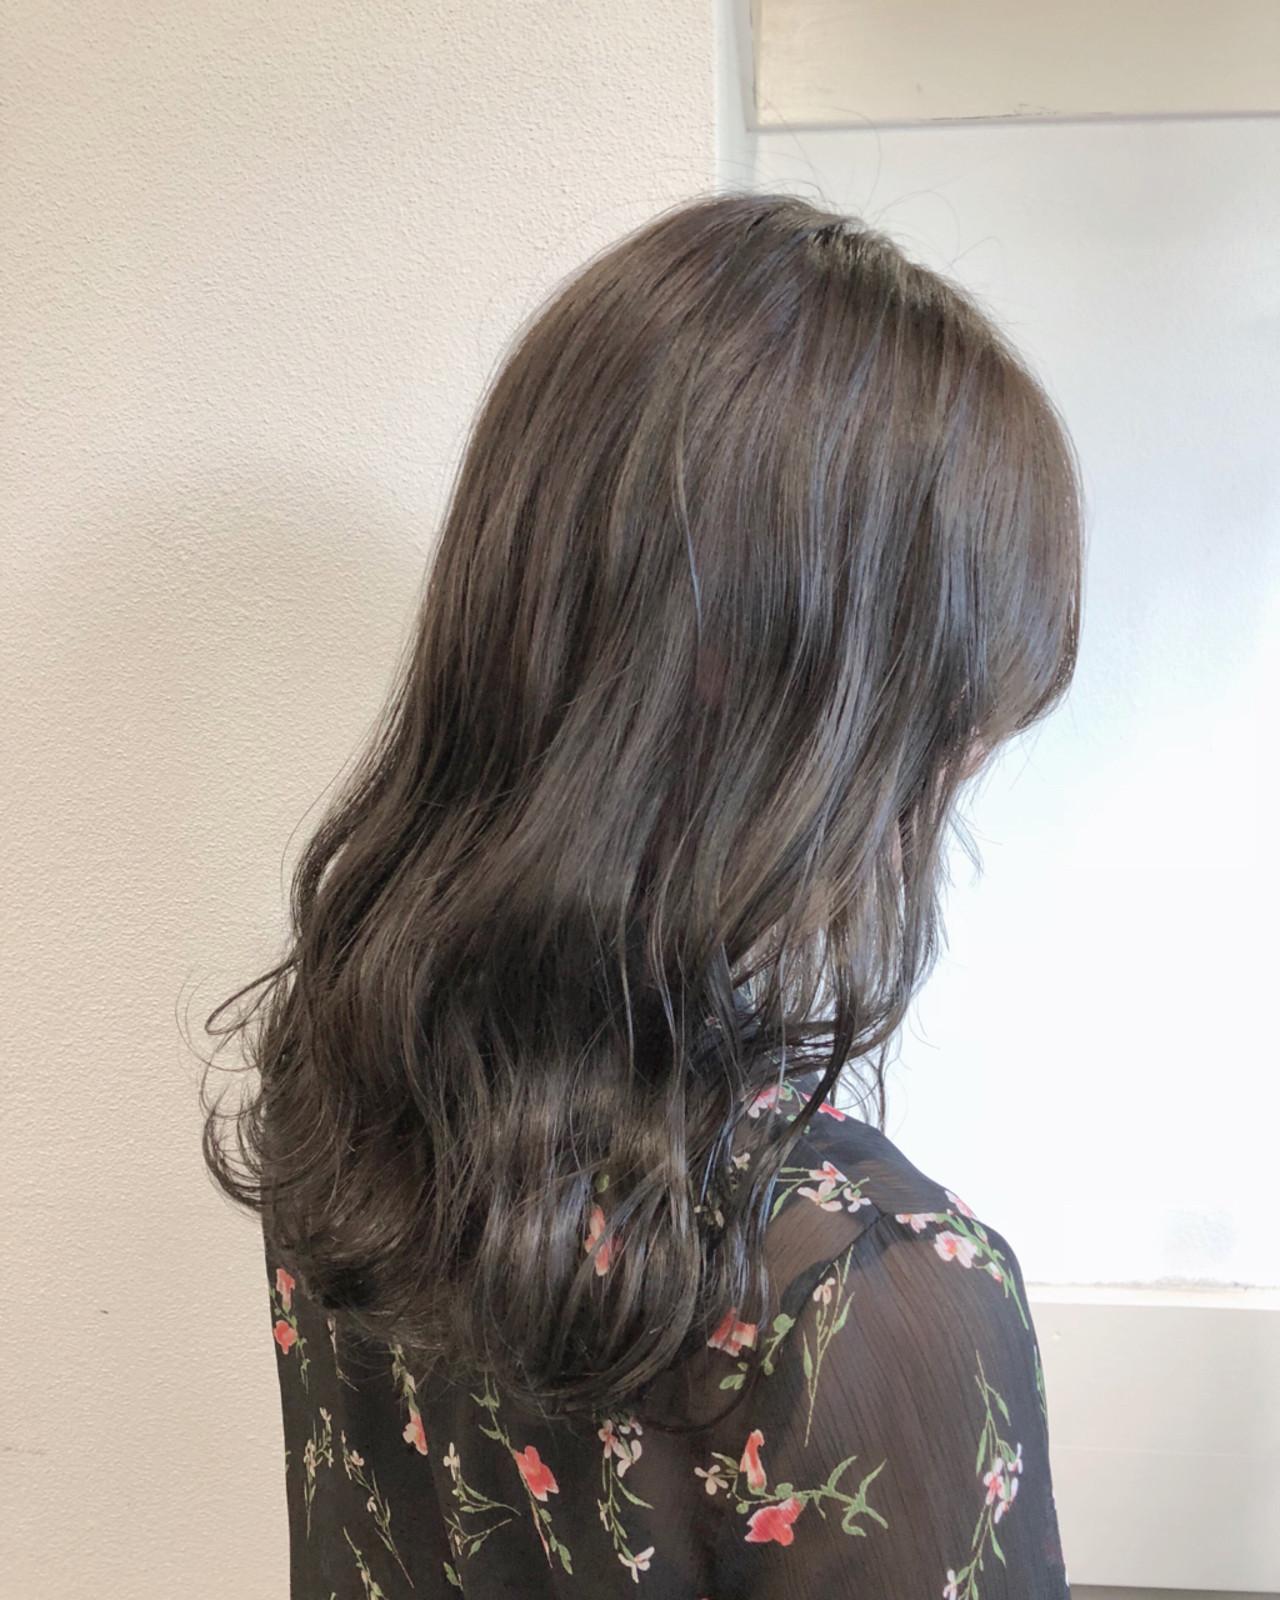 バレイヤージュ ラベンダー ミディアム 透明感ヘアスタイルや髪型の写真・画像